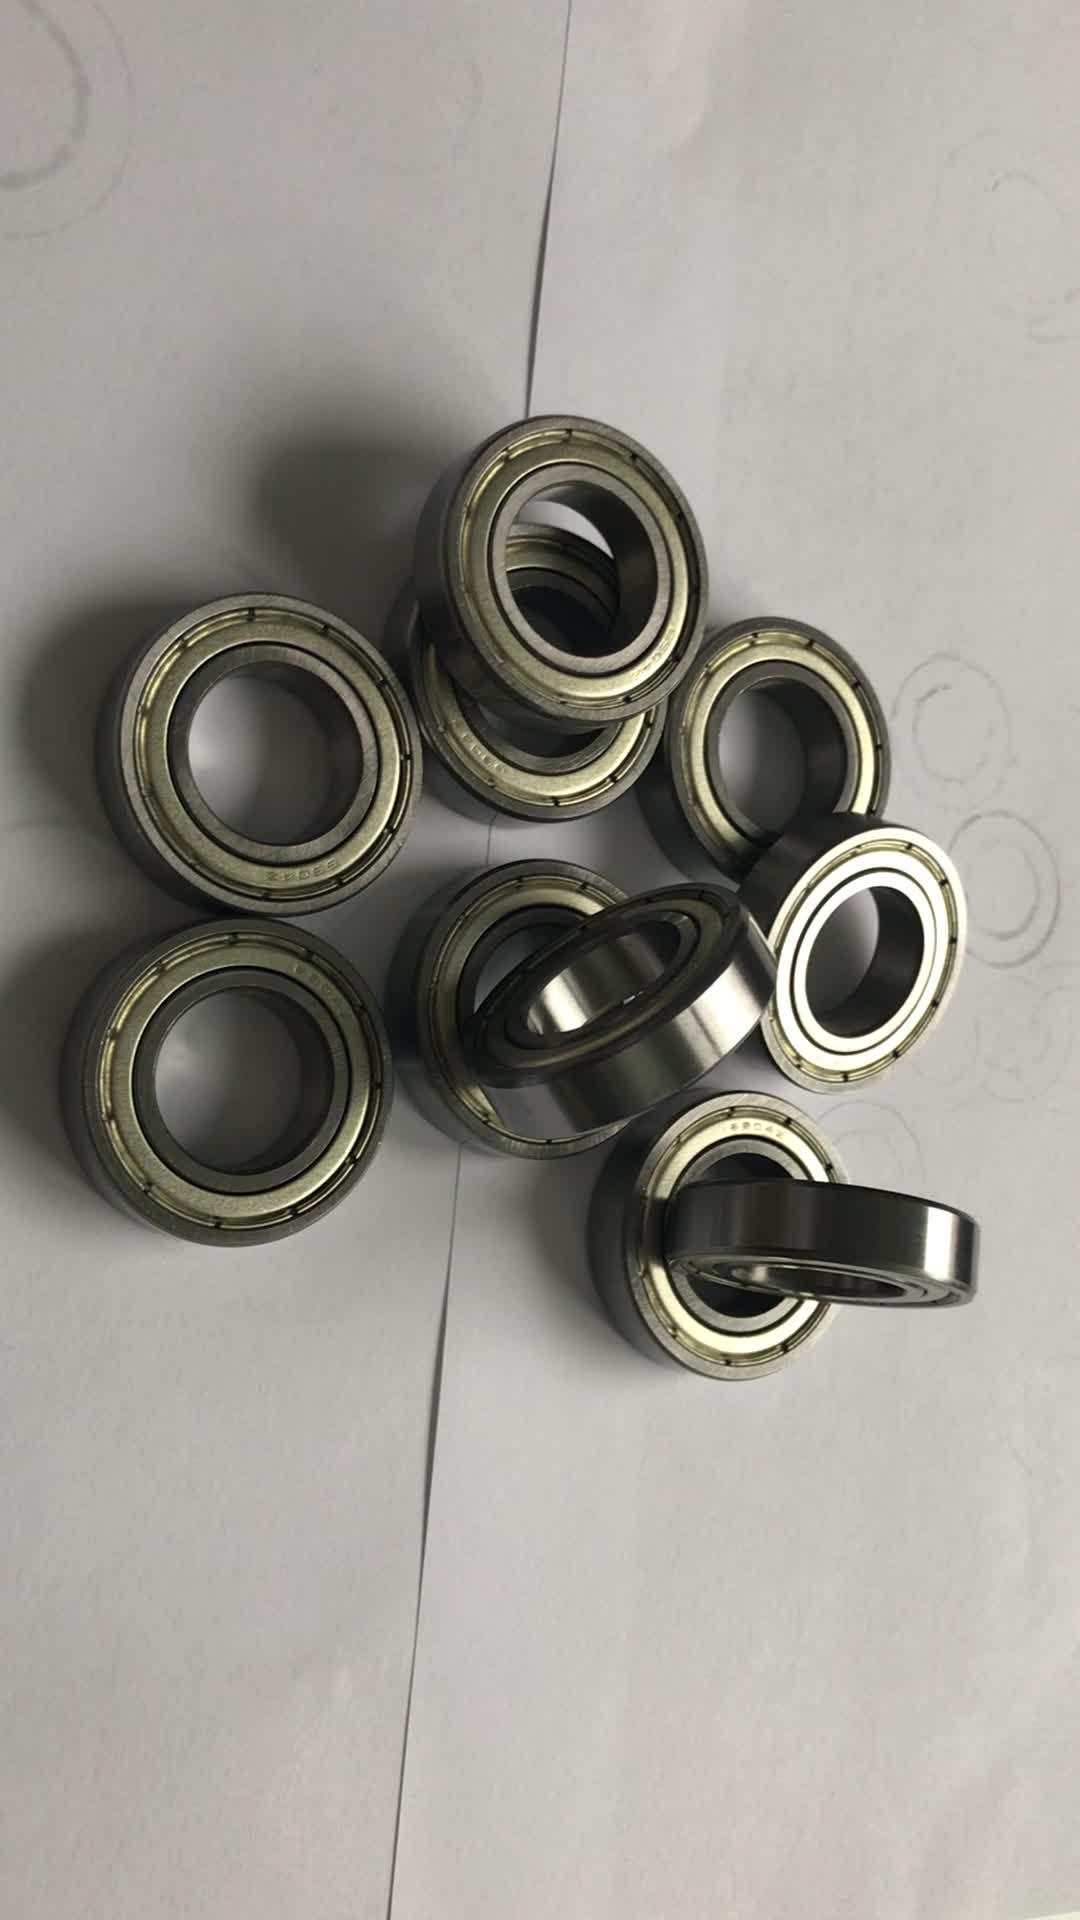 Small size 6203 6904 6905 6906 6907 6908 6909 6910 6206 ball bearing